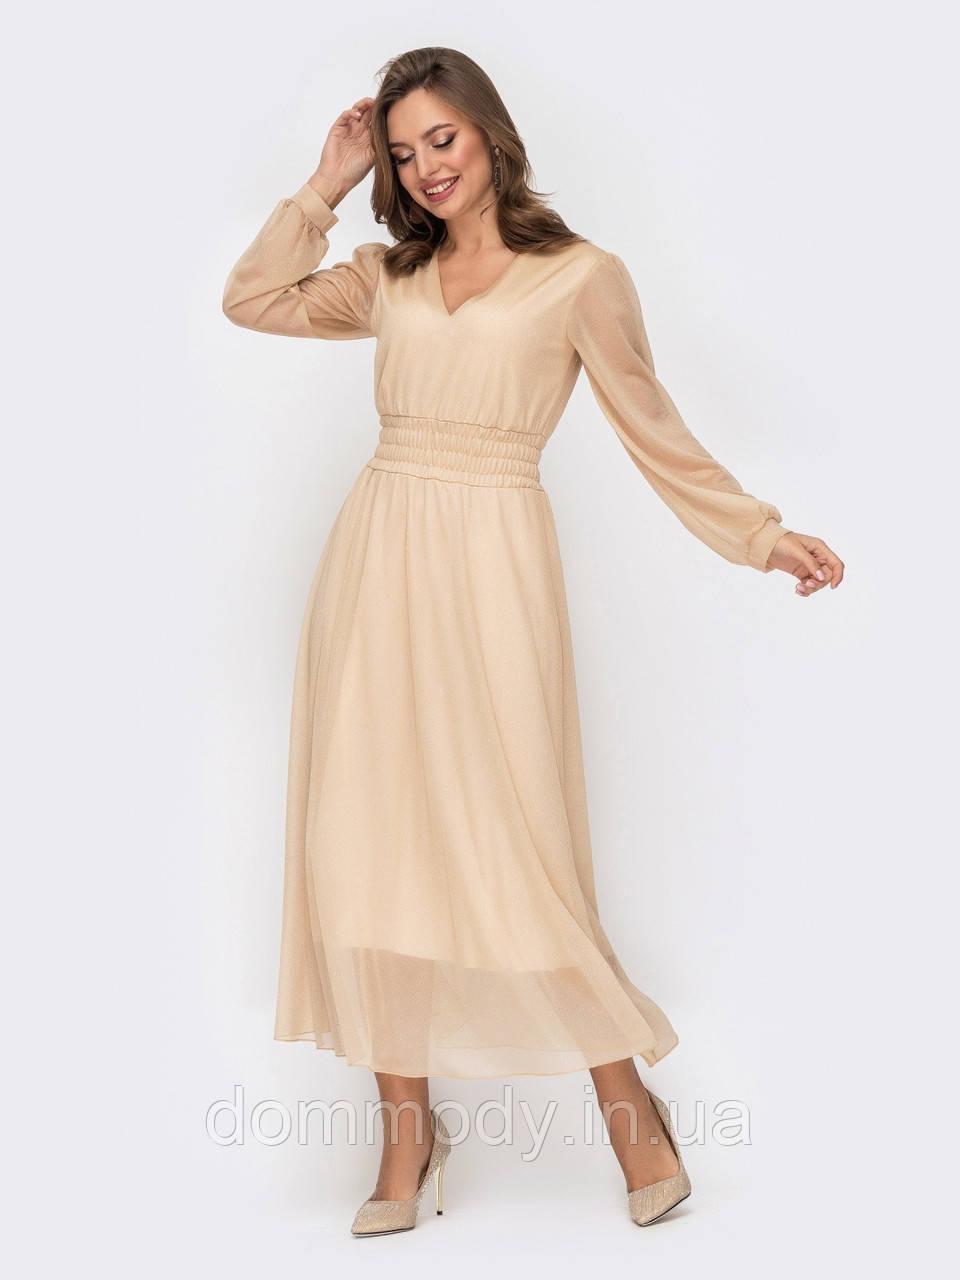 Платье женское Jessica beige